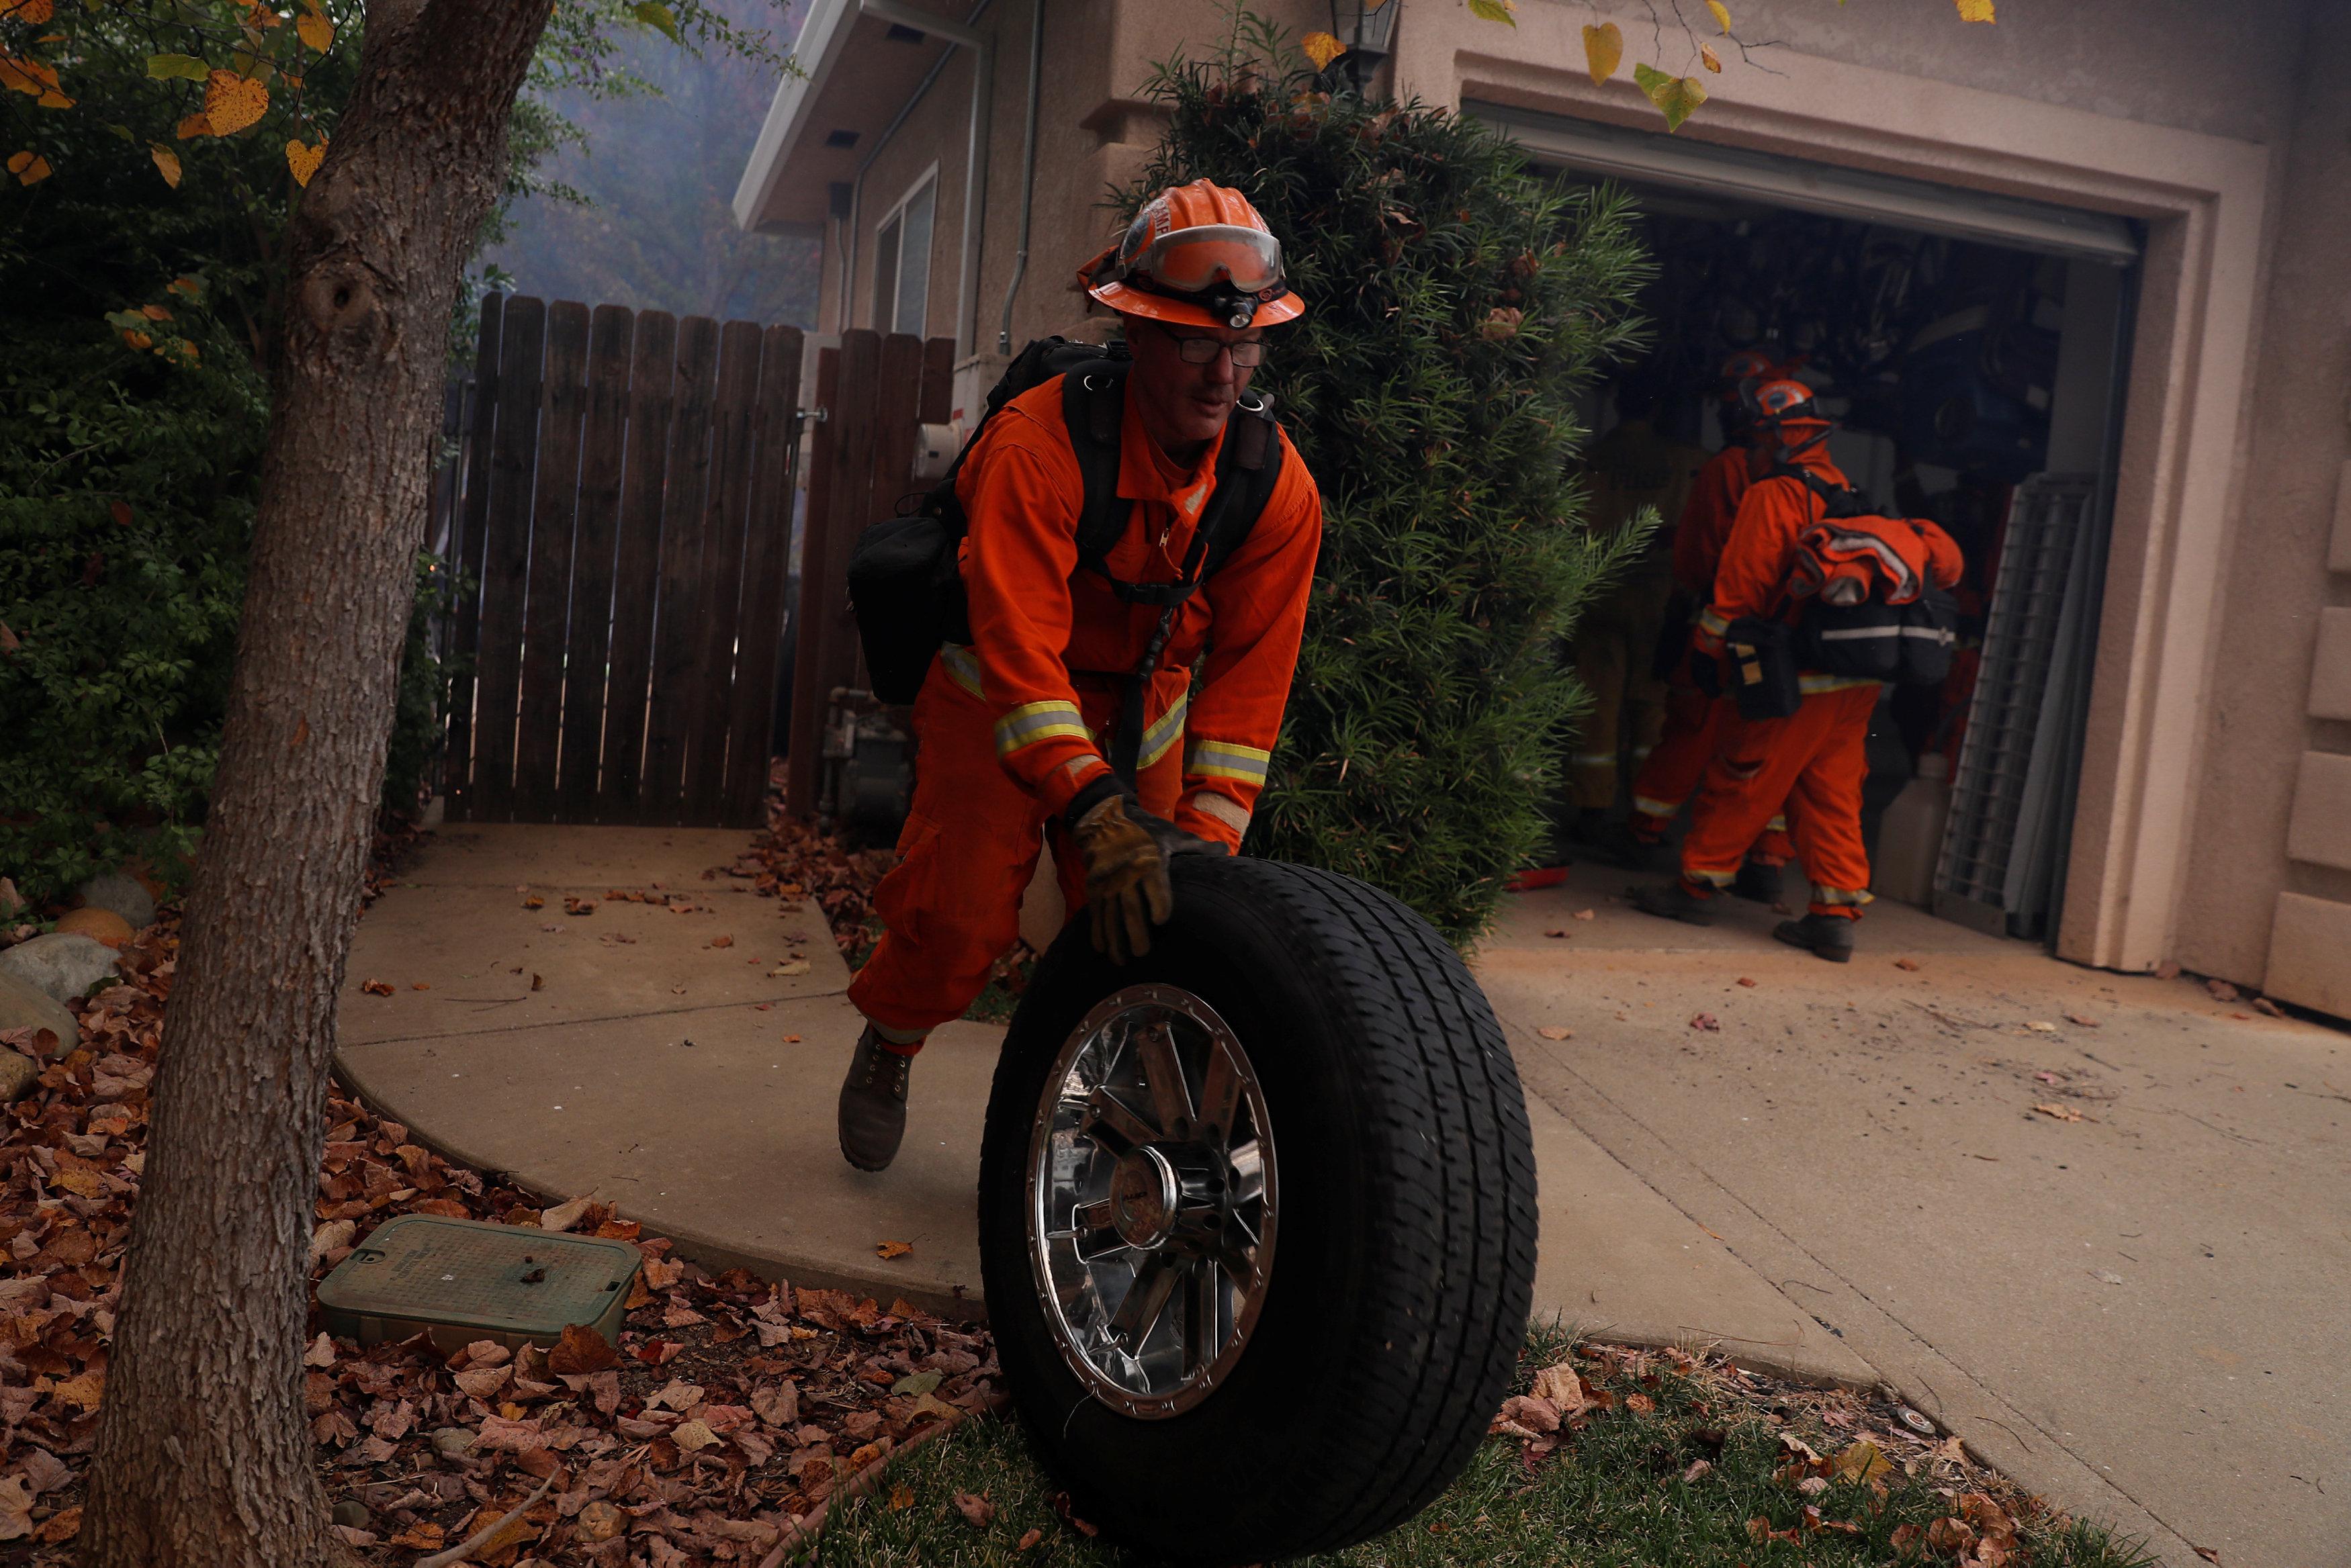 رجال الإطفاء تسعى لنقل محتويات منزل قبل ان تصله النيران